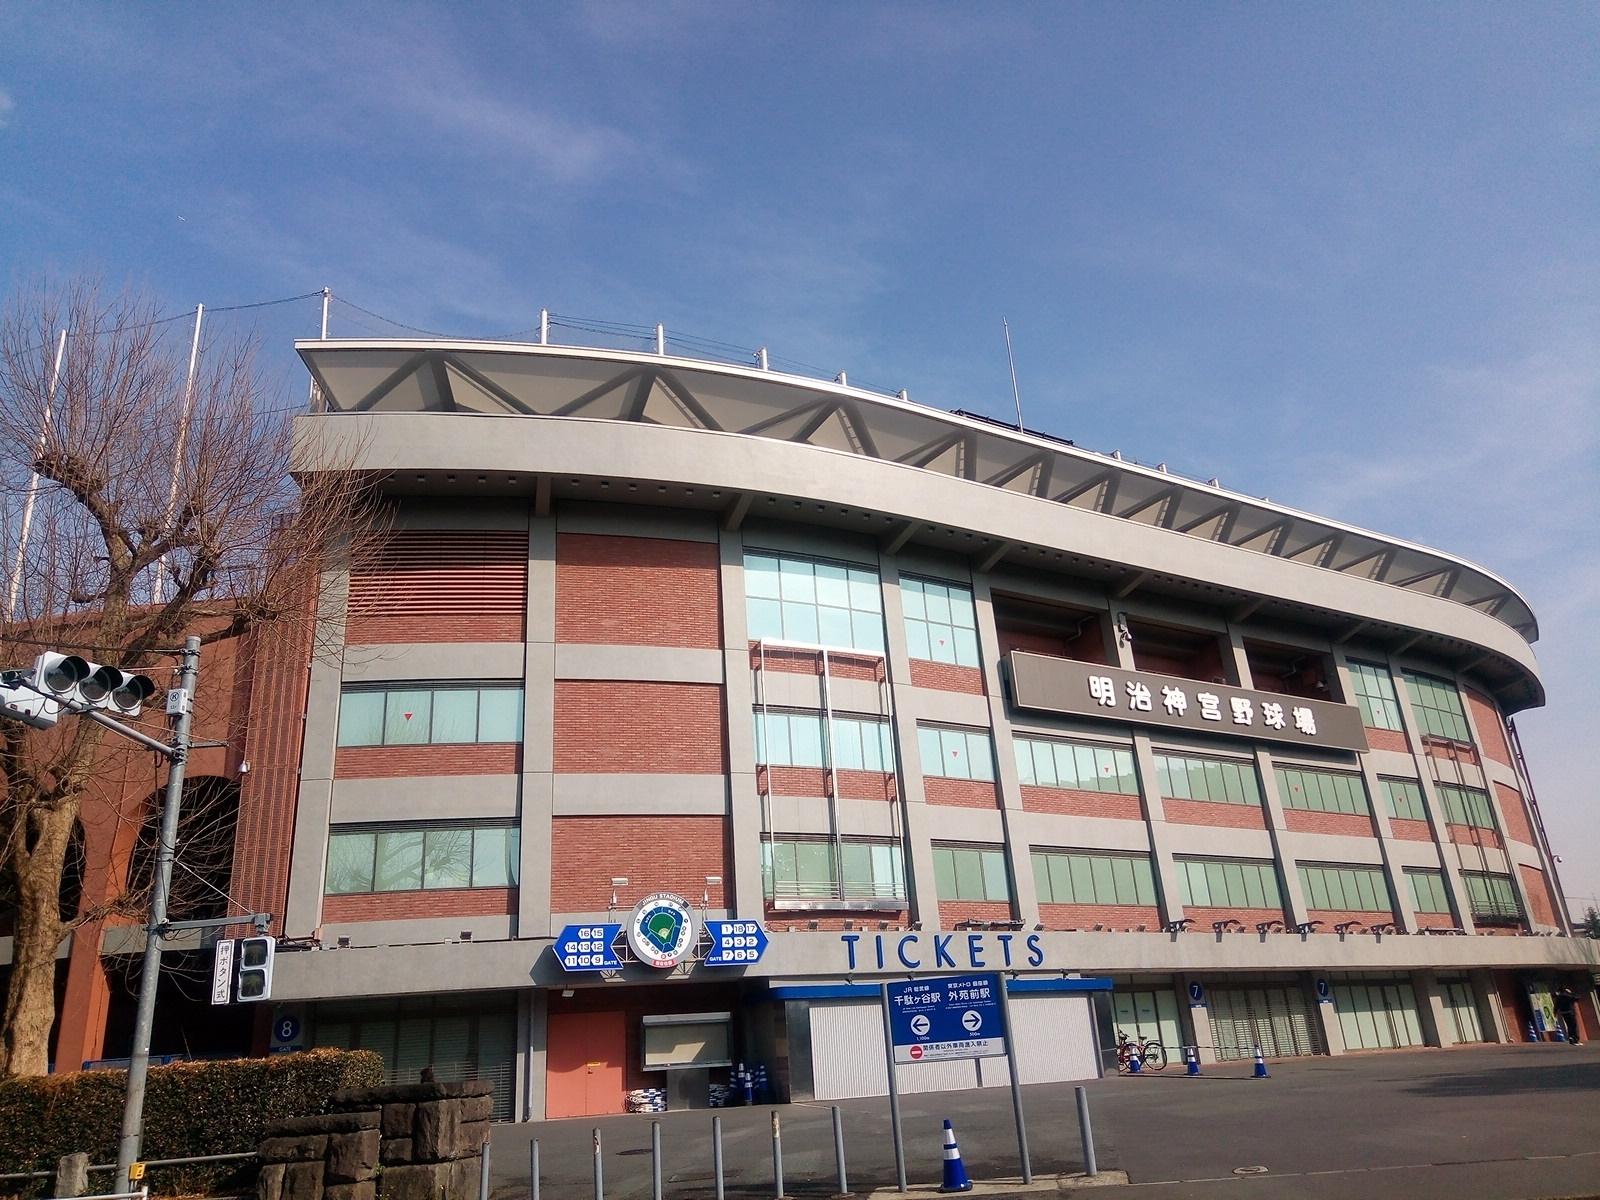 東京ヤクルトスワローズは、9月11日から開催される5試合の観戦チケットを8月17日から一般販売する